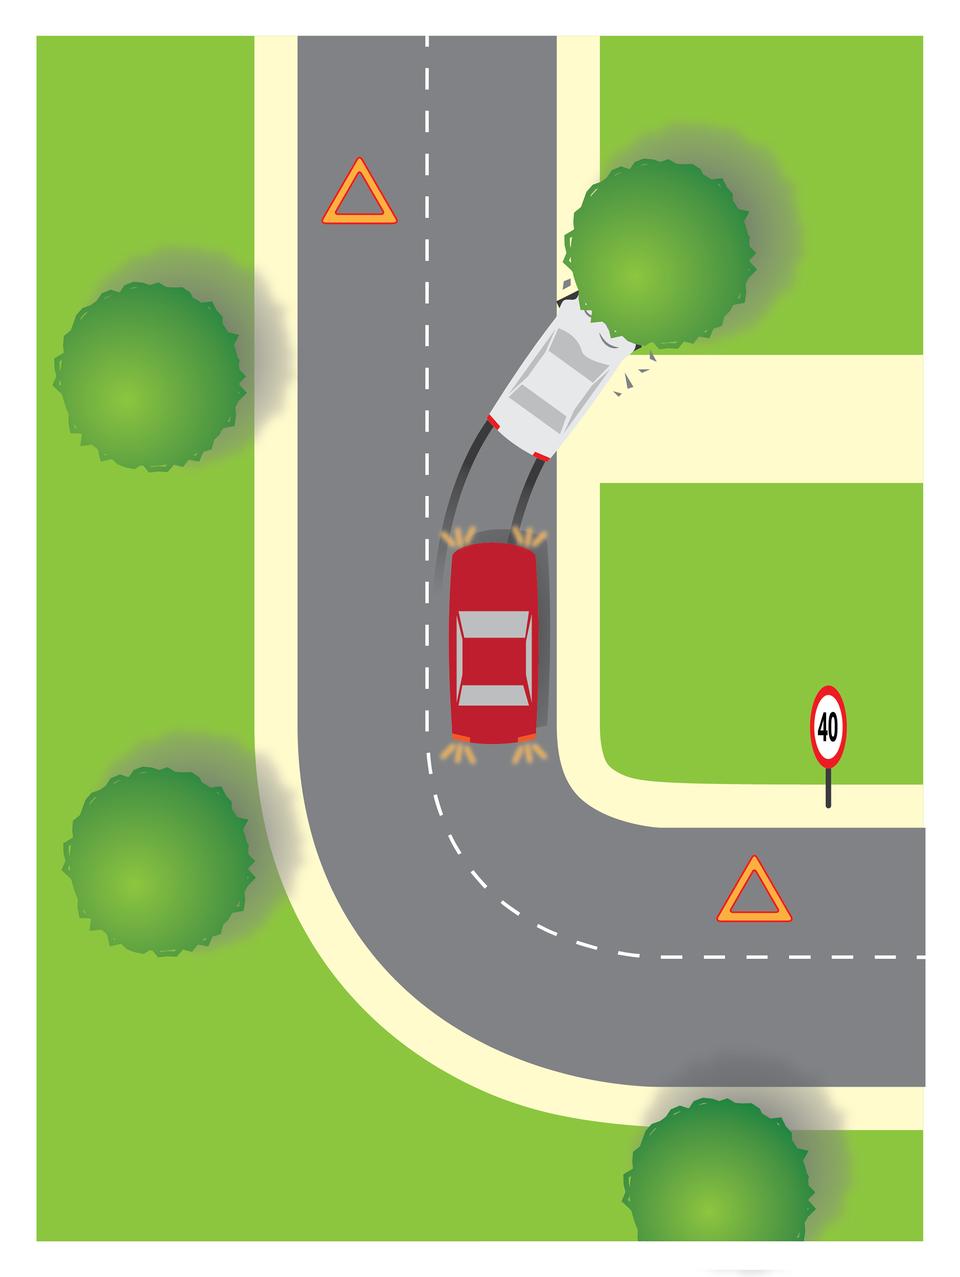 Galeria składa się zczterech rysunków ilustrujących sposób oznaczania miejsca wypadku. Rysunek numer trzy przedstawia oznakowanie miejsca wypadku na odcinku drogi zzakrętem. . Droga rozpoczyna się wpobliżu prawego dolnego narożnika rysunku, przebiega poziomo ipo drugiej stronie kadru przechodzi zakrętem okącie 90 stopni wdrogę oprzebiegu pionowym. Pobocza drogi zaznaczone kolorem jasnożółtym, pozostałe obszary zielonym. Wpoczątkowej części poziomego odcinka drogi wjej górnej krawędzi (a więc po prawej stronie patrząc zperspektywy samochodu wjeżdżającego zza prawej krawędzi ilustracji) znajduje się znak zograniczeniem prędkości do czterdziestu kilometrów na godzinę. Na zielonych fragmentach ilustracji po lewej stronie kadru widoczne są zielone koła oposzarpanych krawędziach symbolizujące drzewa. Takie same koło znajduje się też po prawej stronie pionowego odcinka drogi wgórnej części ilustracji. Wdrzewo wbity jest jasnoszary samochód osobowy stojący ukosem do kierunku jazdy, częściowo na jezdni aczęściowo na poboczu. Za samochodem ślady hamowania, przednia część maski pofalowana, wokół rozrzucone odłamki auta igałęzi. Za roztrzaskanym pojazdem na pasie ruchu stoi drugi, czerwony samochód osobowy. Samochód stoi na jezdni zaraz za zakrętem, jest skierowany maską wstronę rozbitego jasnego samochodu ima włączone światła awaryjne. Trójkąt ostrzegawczy po stronie stojących pojazdów ustawiony jest przed zakrętem. Drugi trójkąt po przeciwległej stronie drogi stoi przed rozbitym białym samochodem.